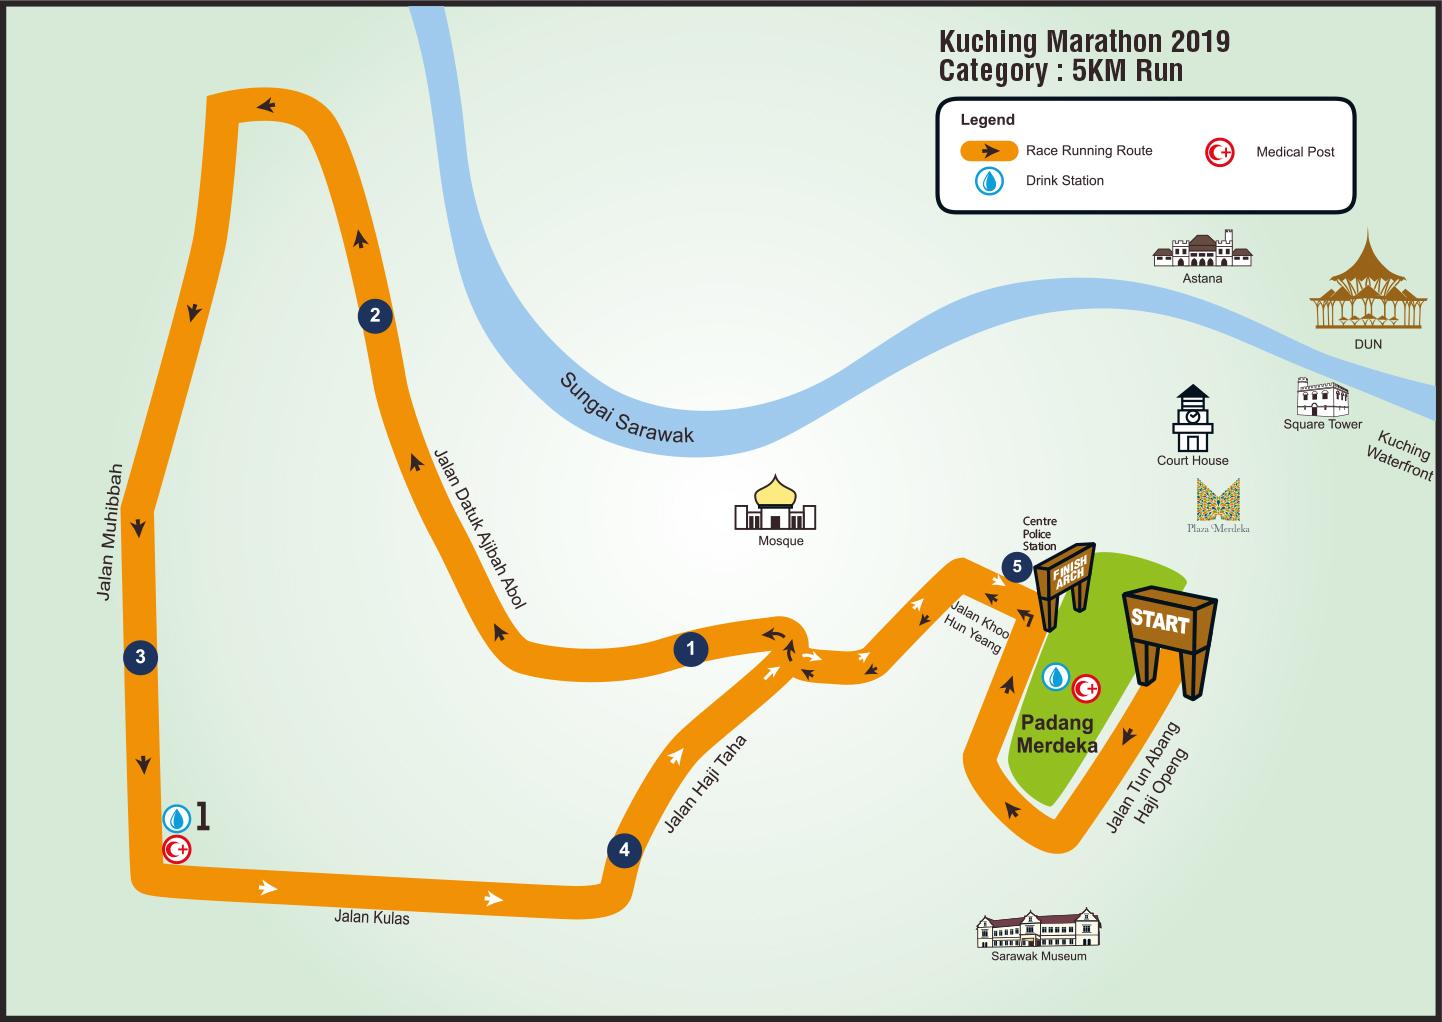 Kuching Marathon route